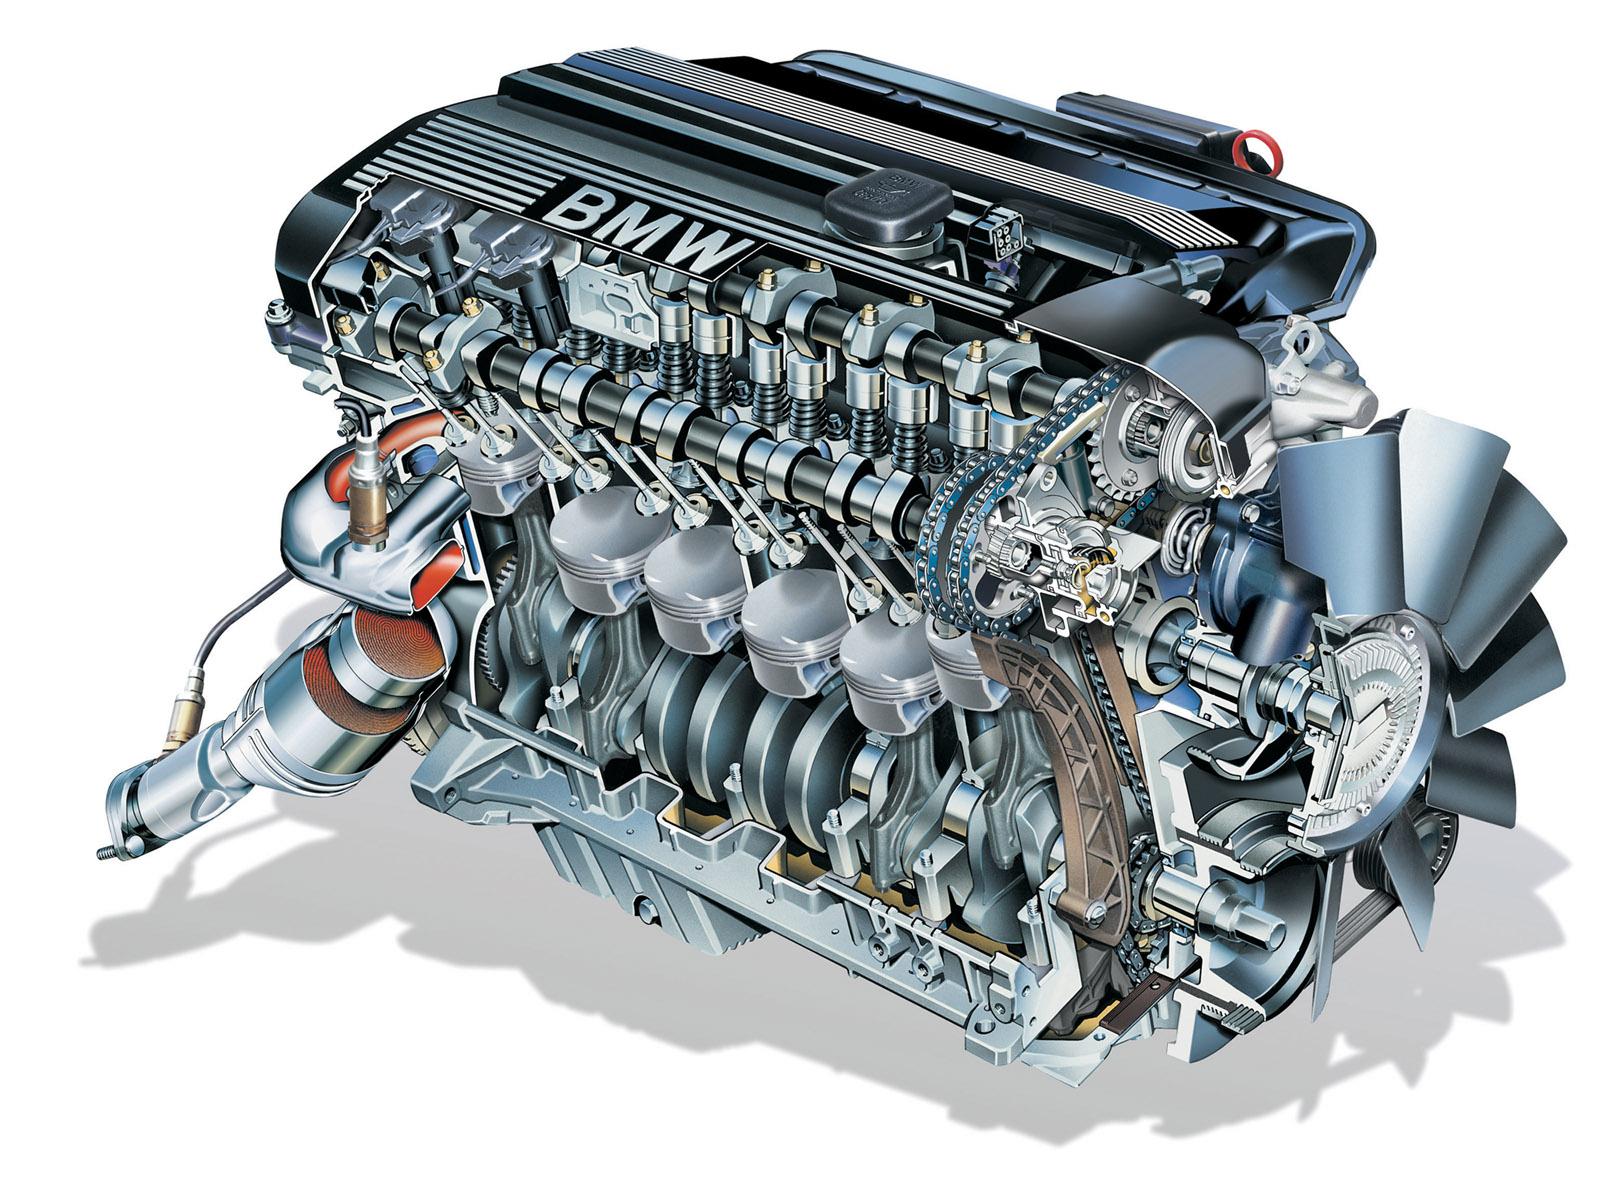 Купить двигатель в Шымкенте, бензин, дизель двс